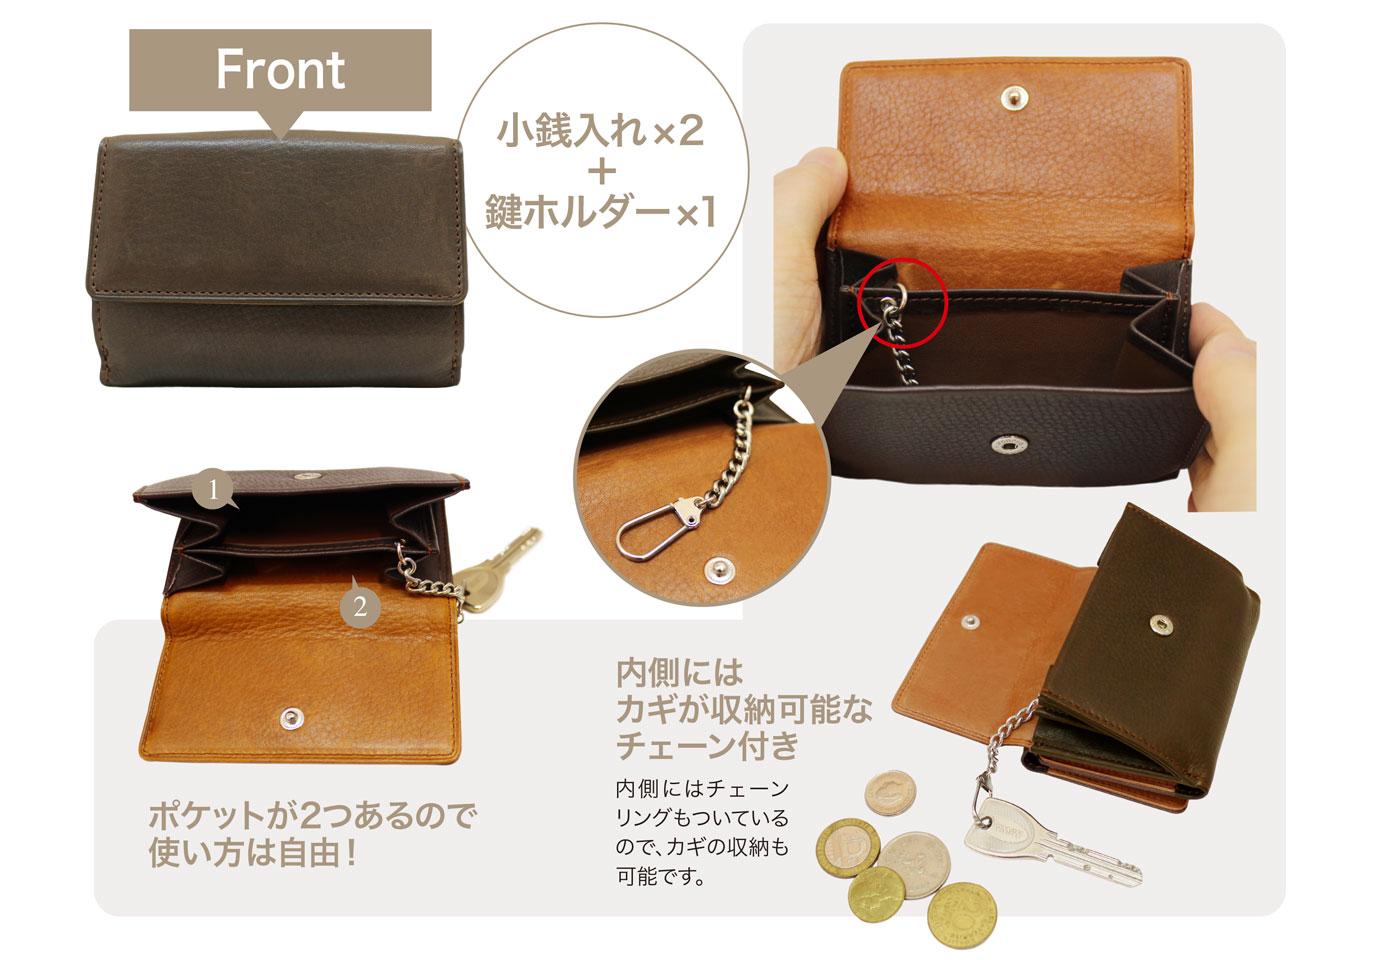 キプリス シルキーキップ三つ折り財布。フロントに小銭入れ2つと鍵ホルダー1つを完備。